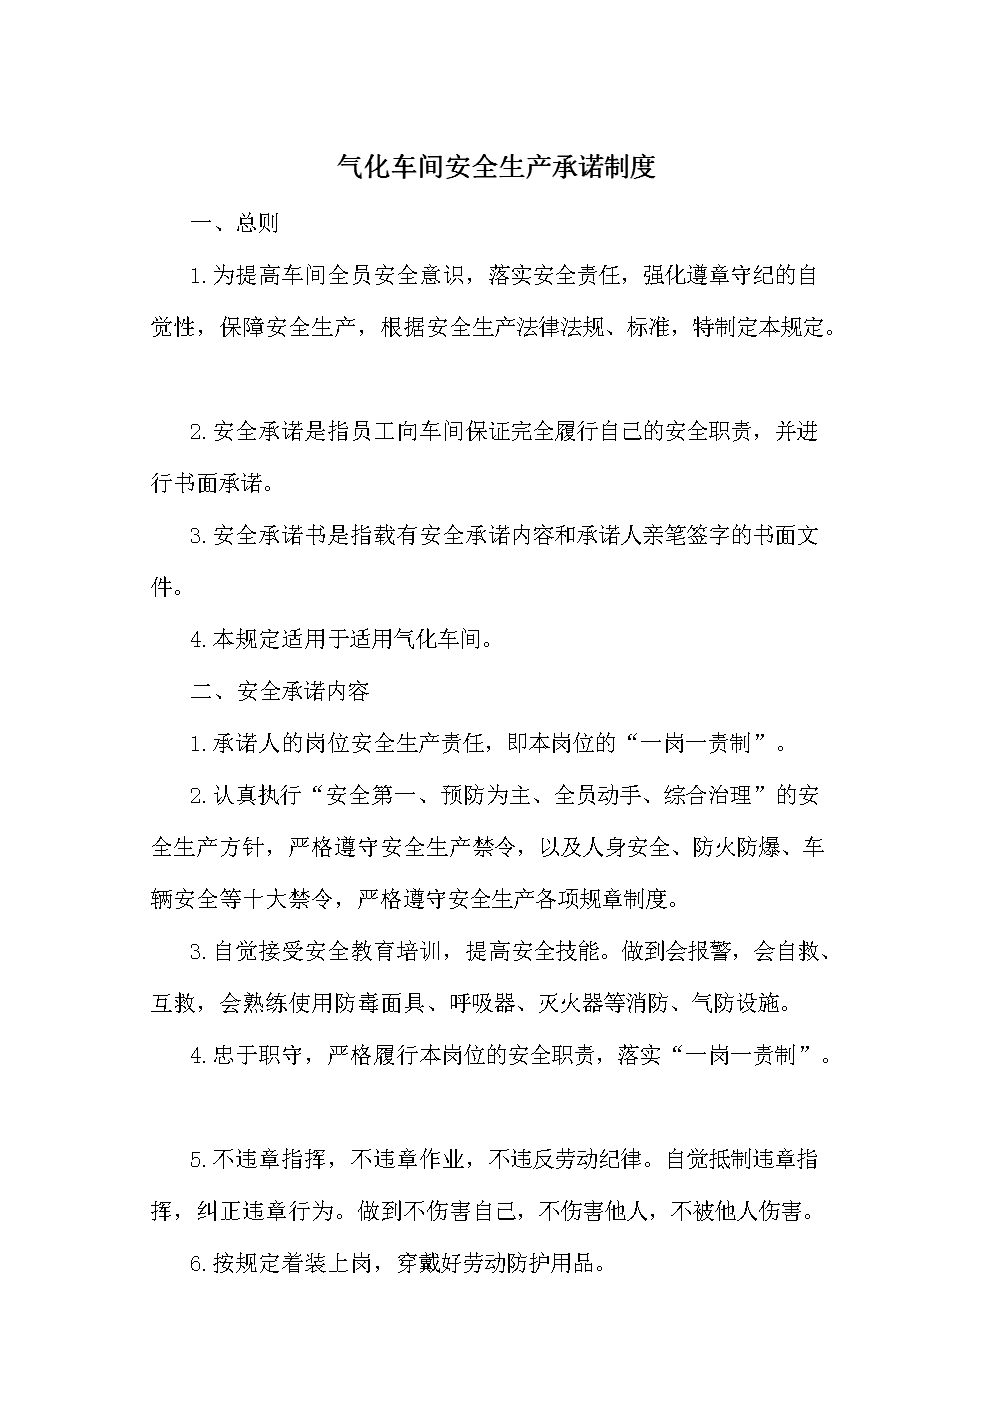 气化车间安全生产承诺制度.docx